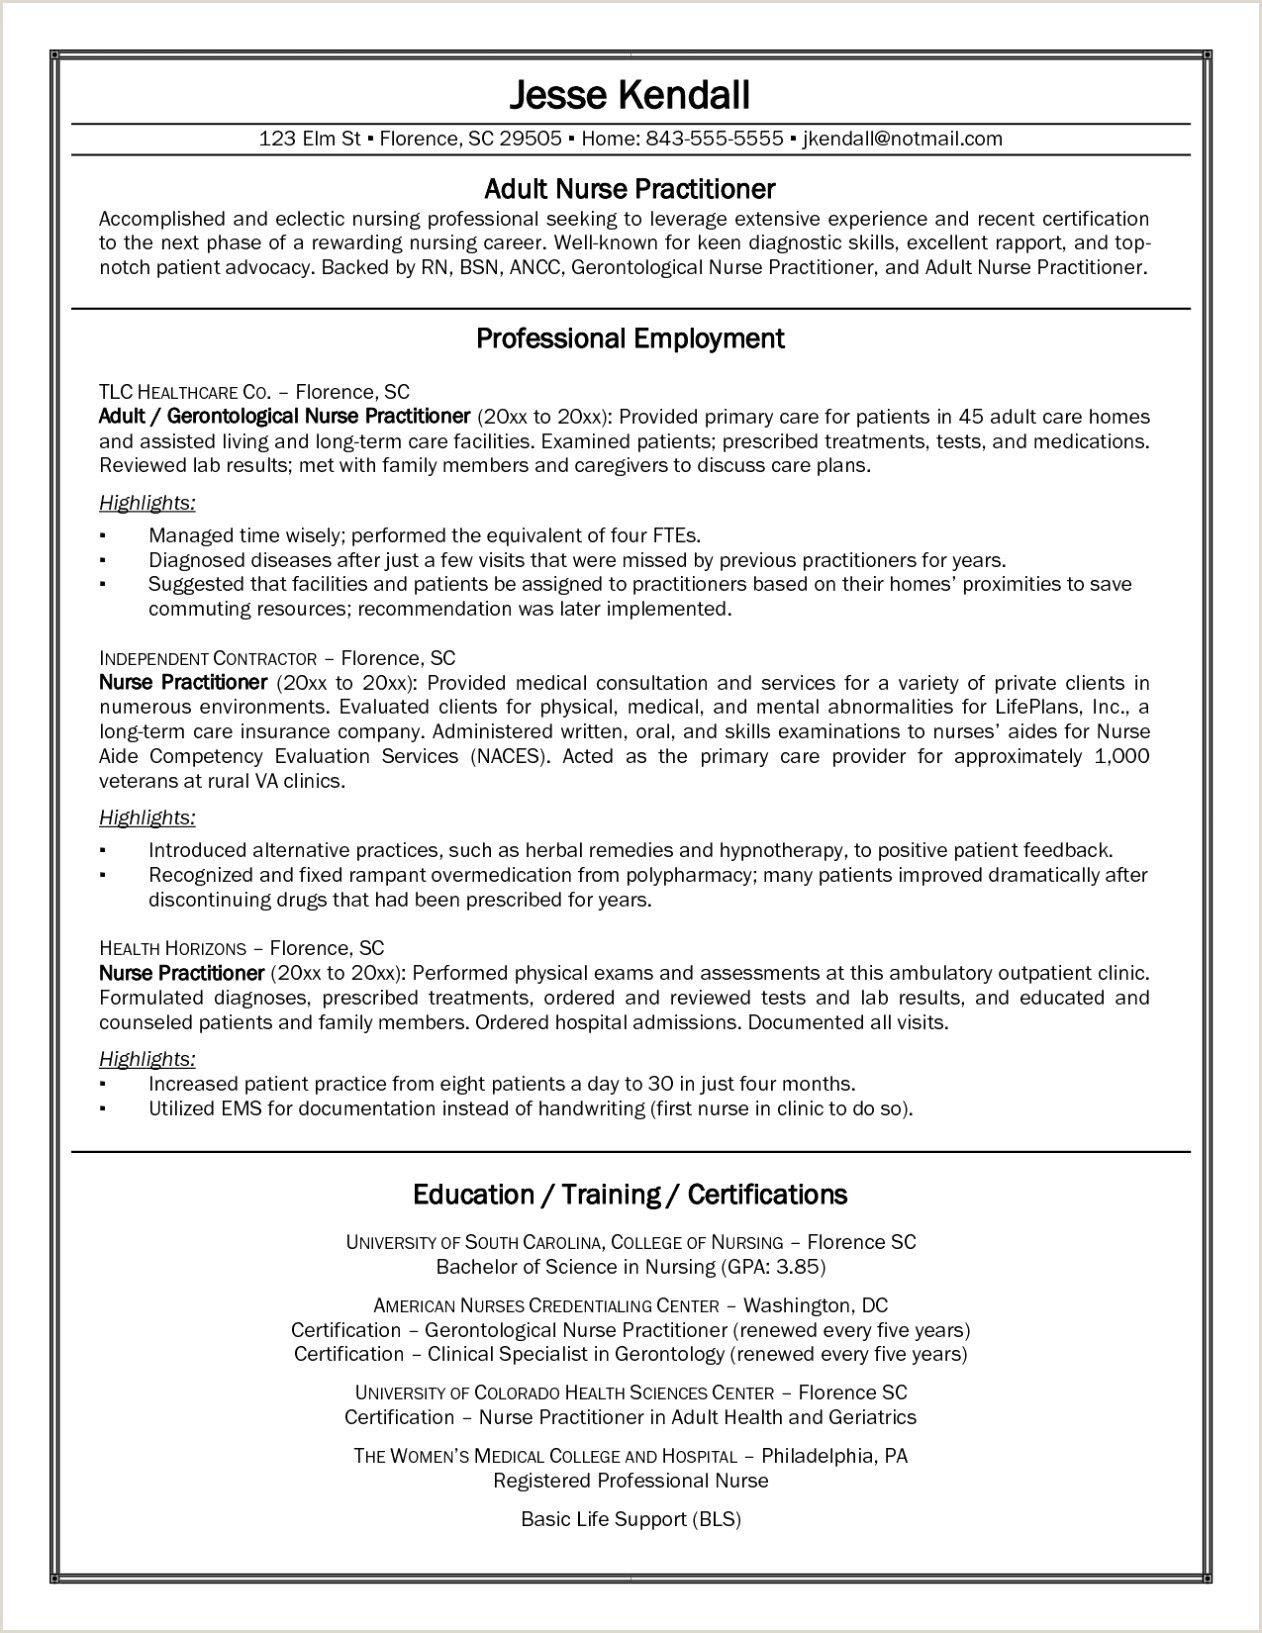 New Professional Cv Format 2019 Nursing Resume Template New Grad Nursing Resume Nursing Resume